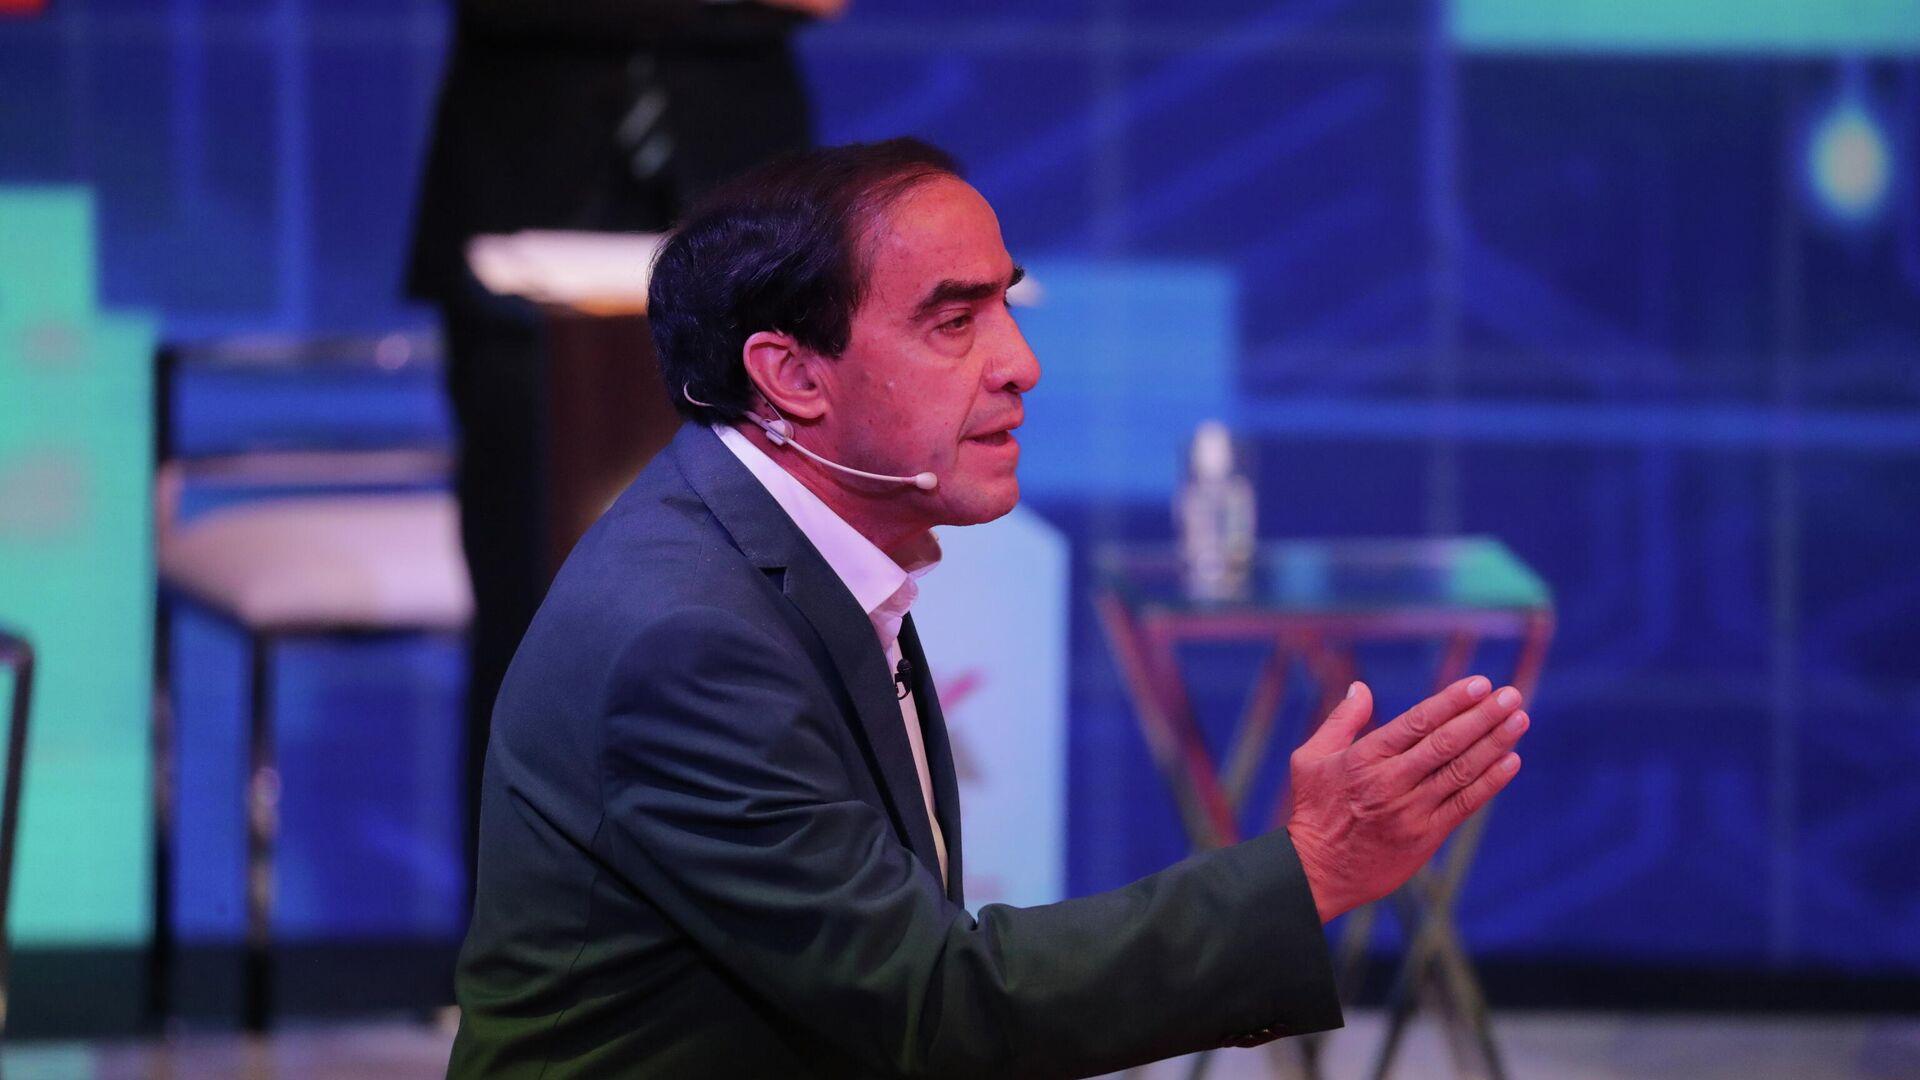 El candidato presidencial peruano Yonhy Lescano en un debate presidencial en Lima - Sputnik Mundo, 1920, 05.04.2021